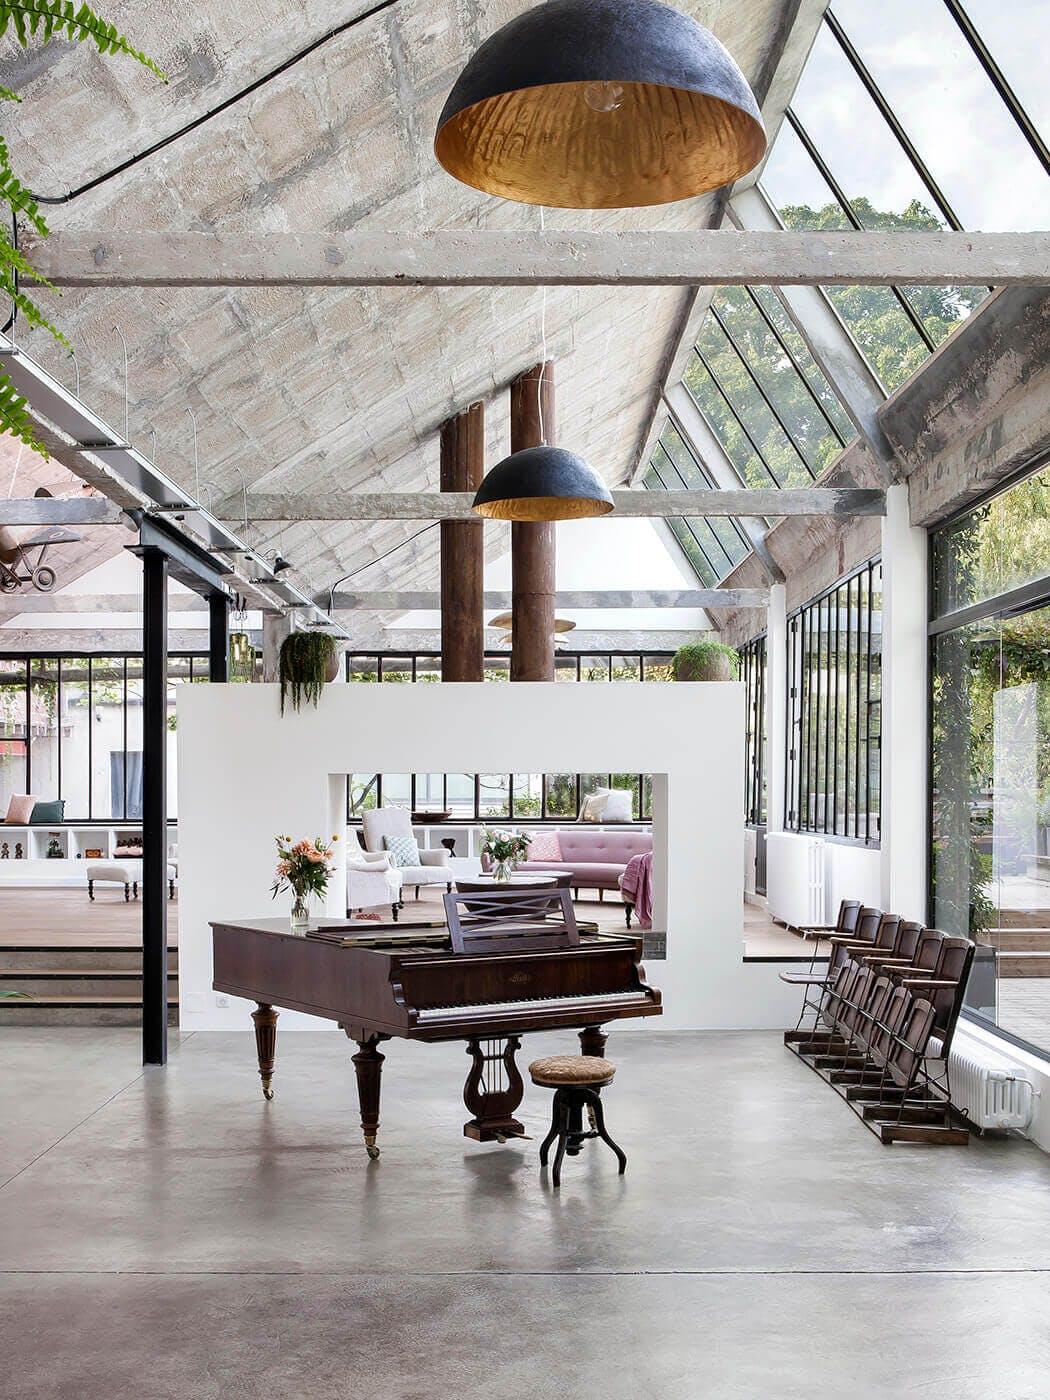 transformation d'une ancienne usine en loft avec sol en béton ciré et éclairage industriel